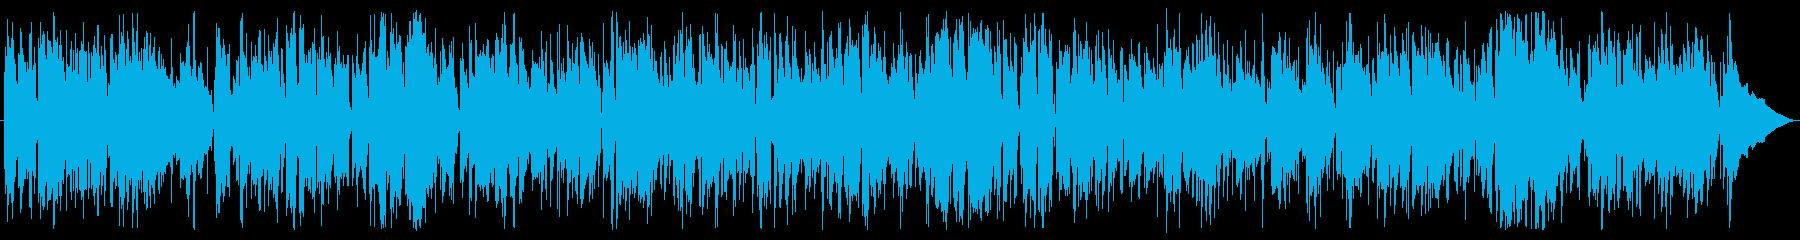 ソフトフュージョンのスイングテイストの再生済みの波形